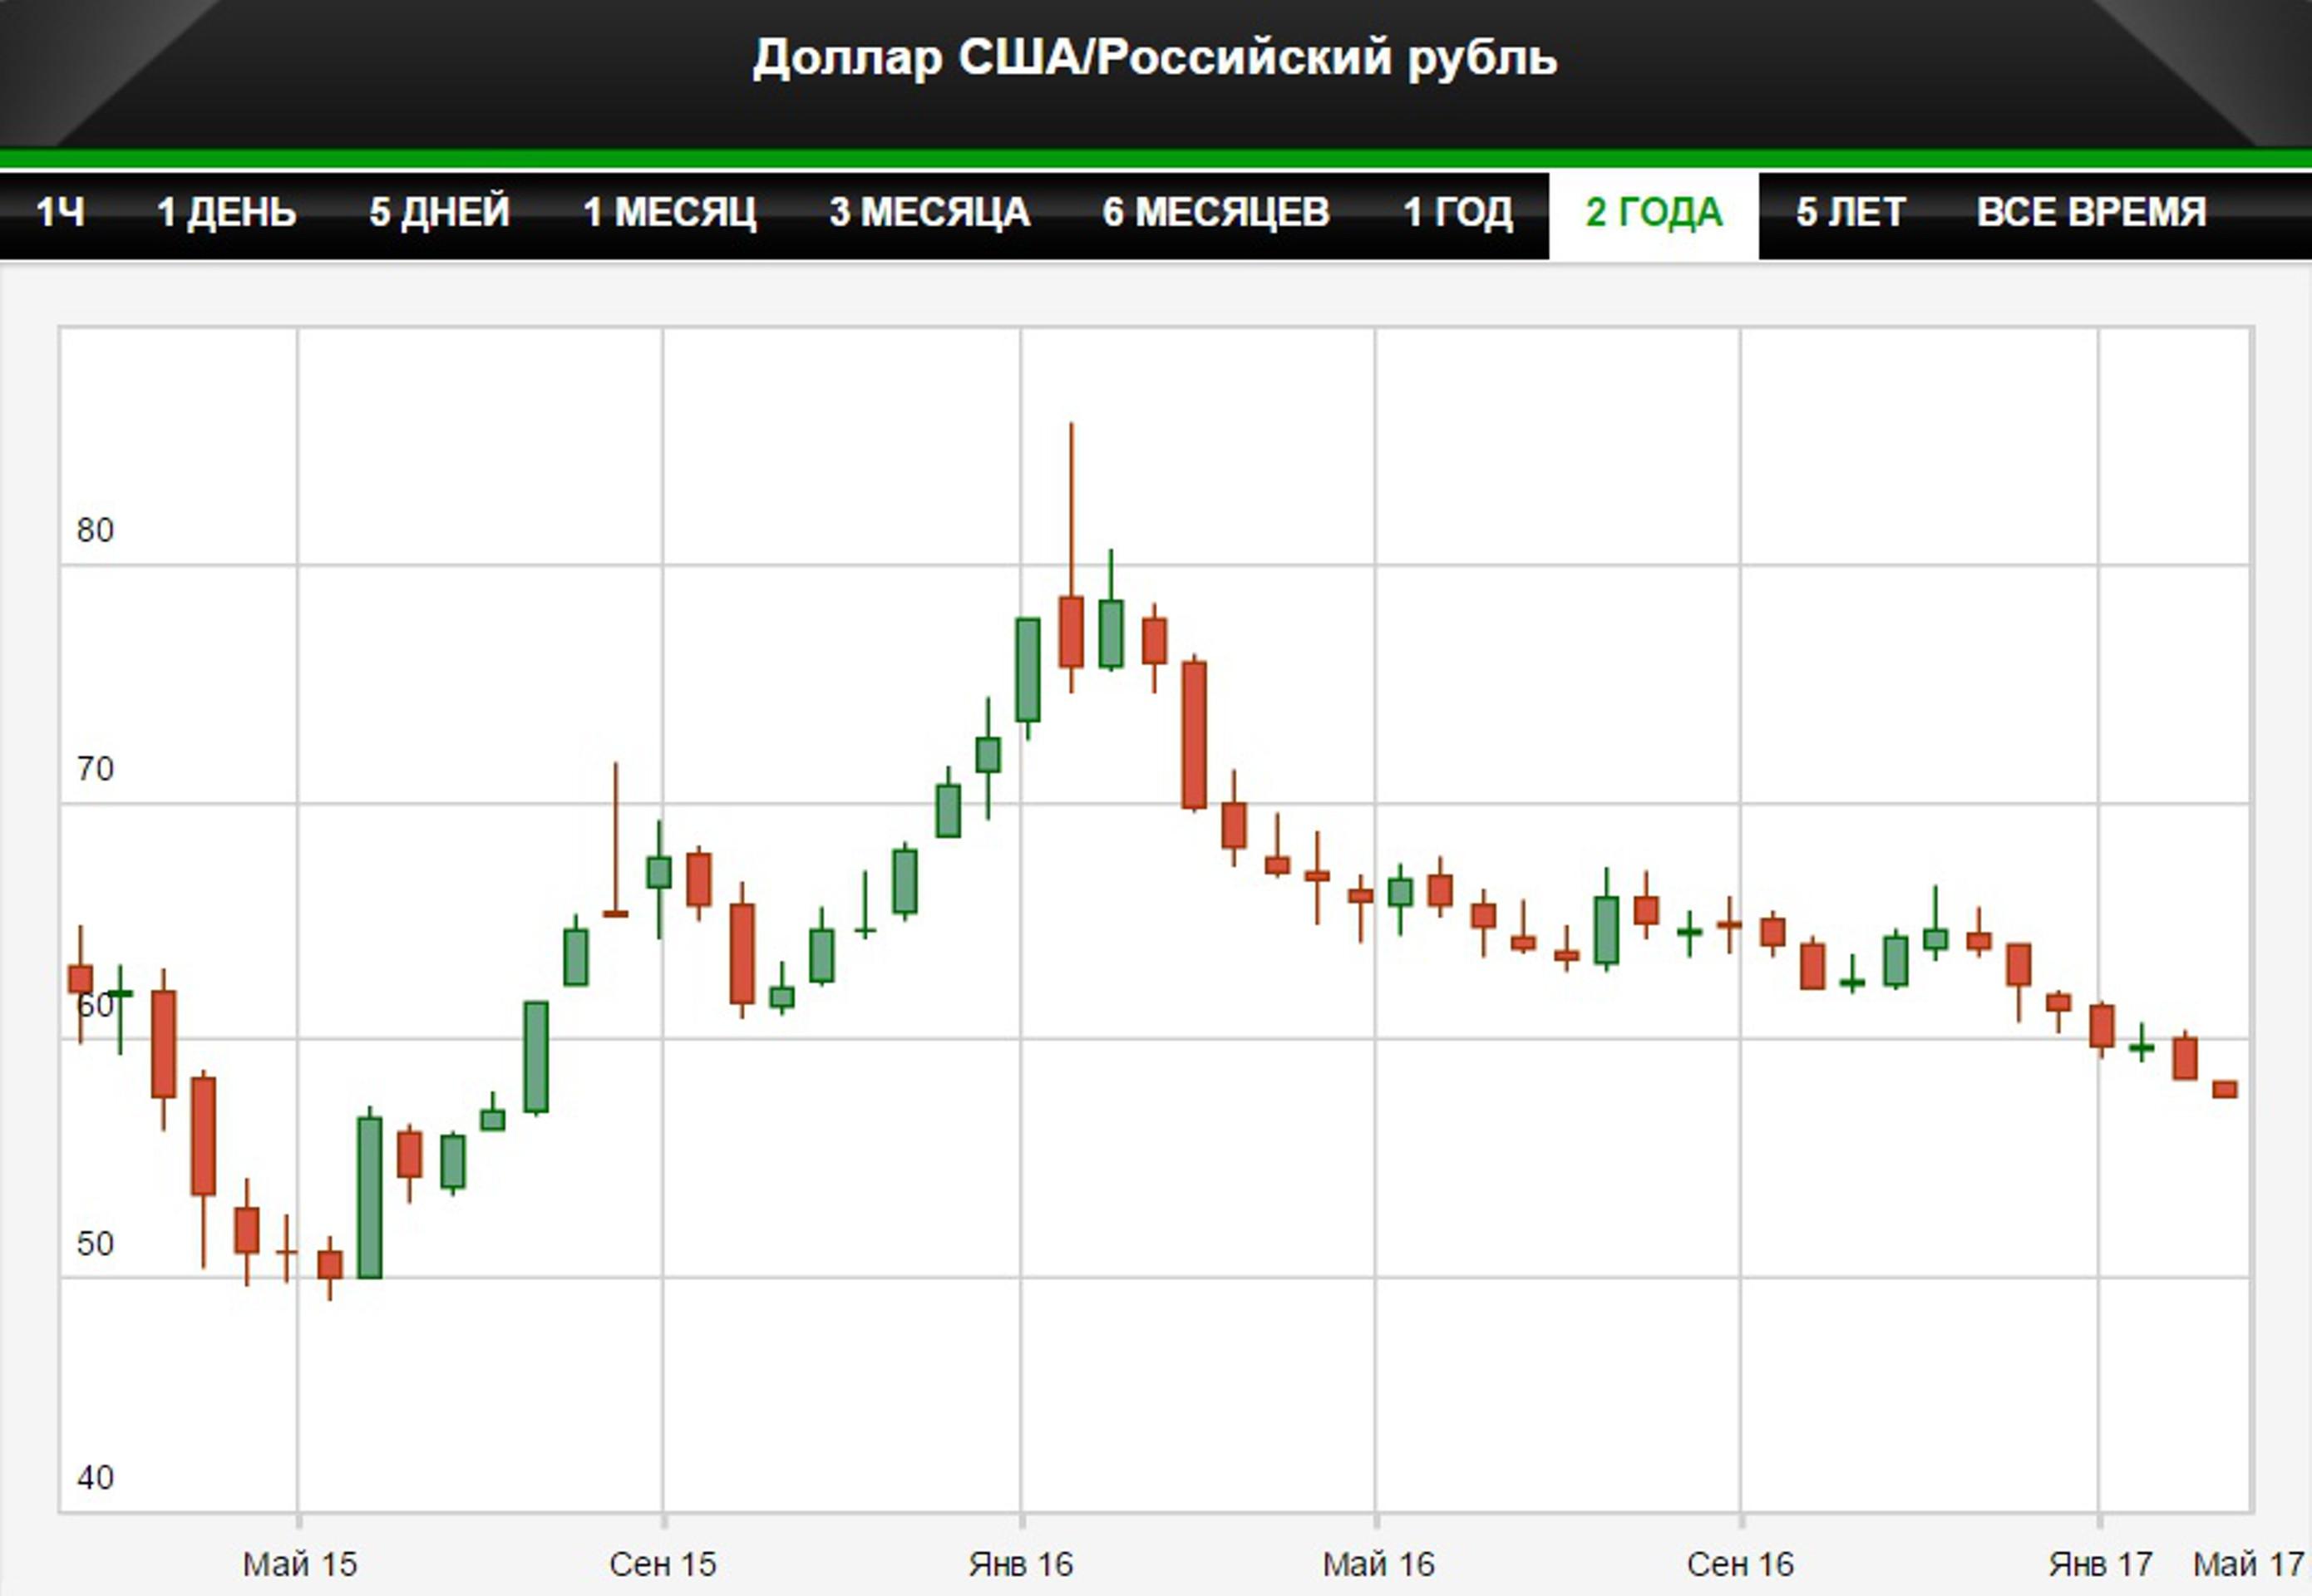 Рубль обновил максимум с июля 2015 года